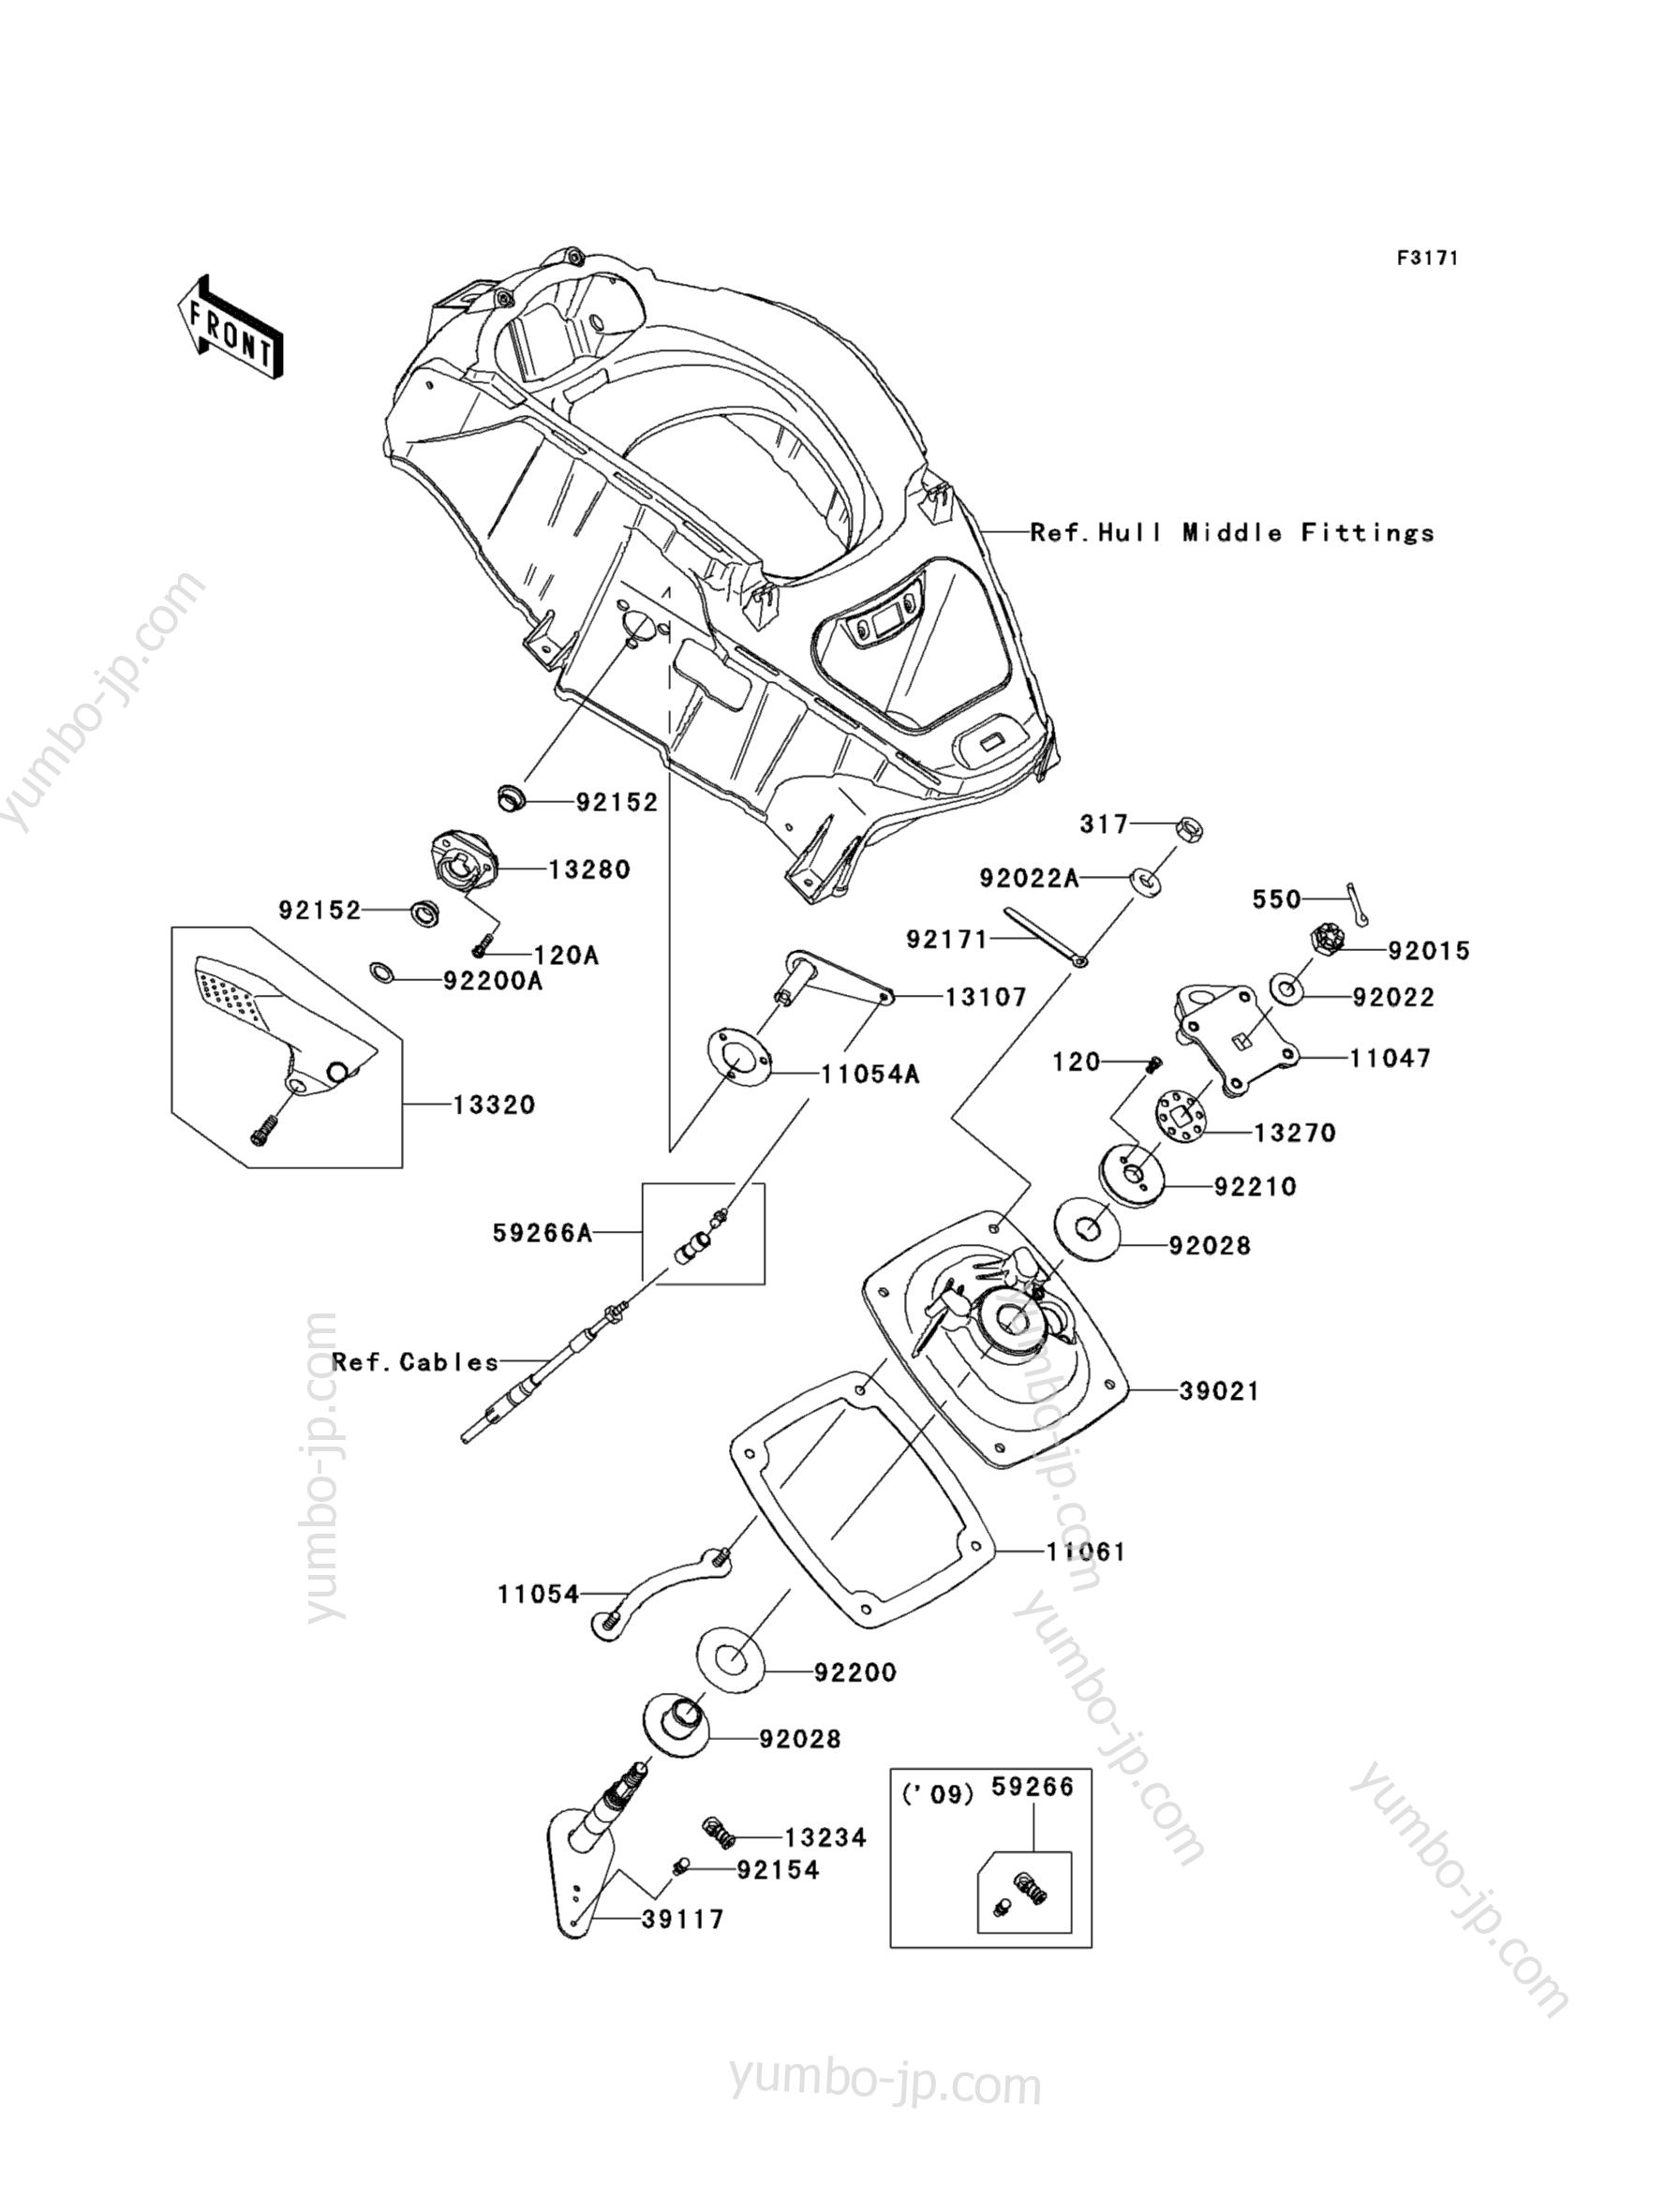 Handle Pole для гидроциклов KAWASAKI JET SKI ULTRA 260LX (JT1500F9F) 2009 г.